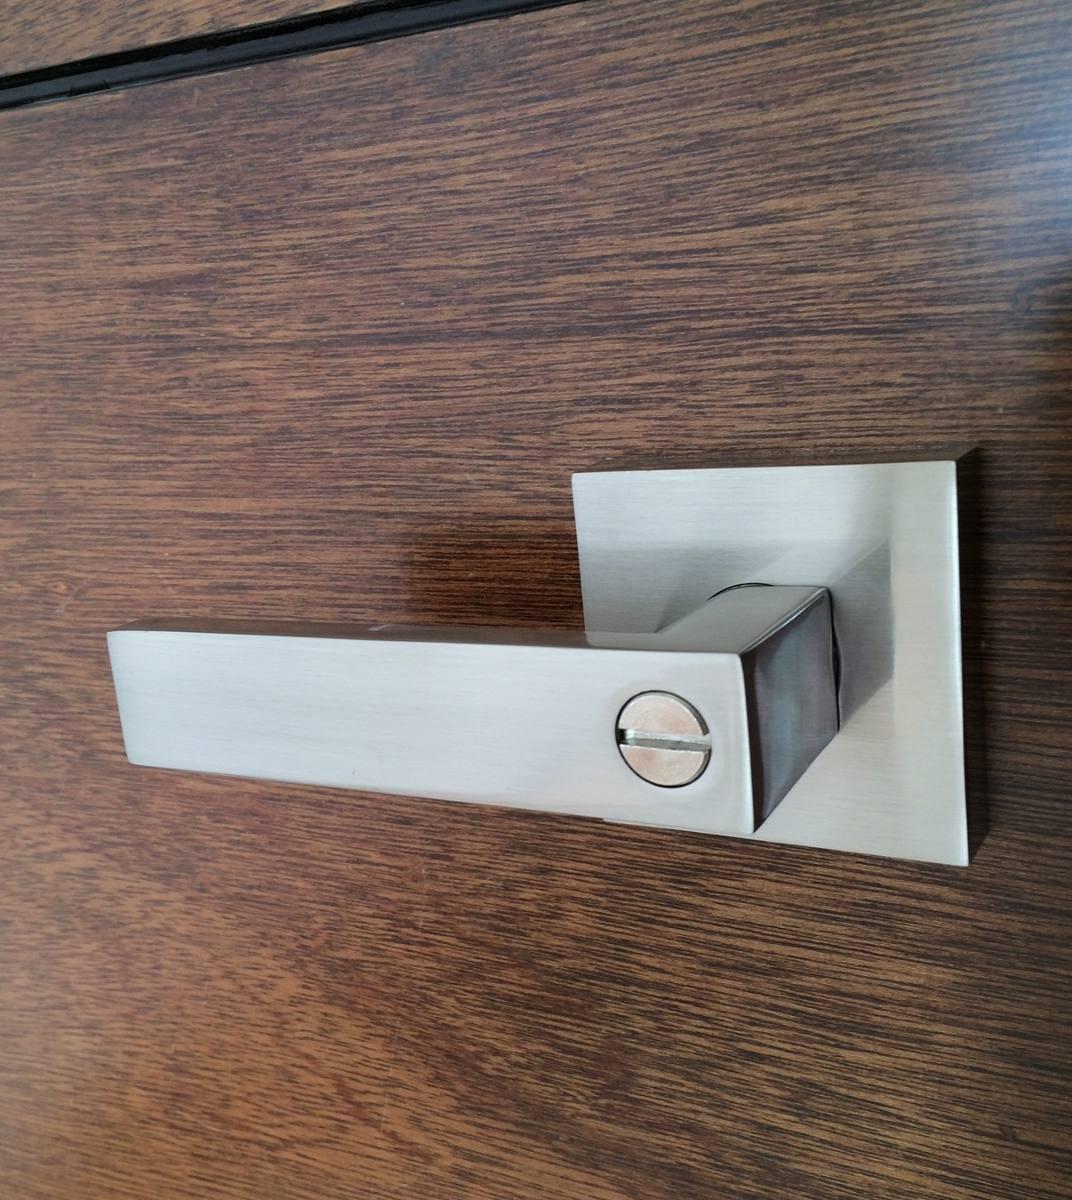 manija o chapa para puerta de recamara y ba o resistente